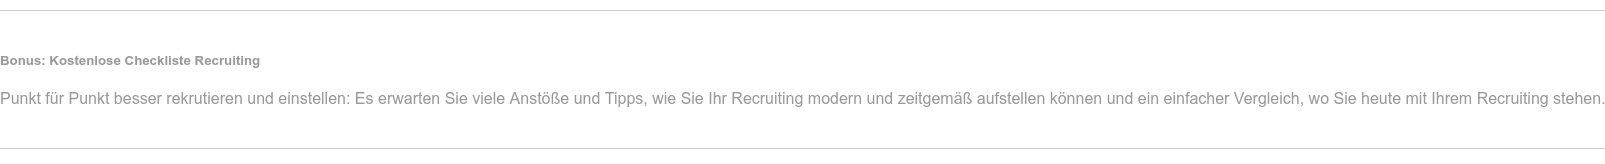 Bonus: Kostenlose Checkliste Recruiting  Punkt für Punkt besser rekrutieren und einstellen: Es erwarten Sie viele  Anstöße und Tipps, wie Sie Ihr Recruiting modern und zeitgemäß aufstellen  können und ein einfacher Vergleich, wo Sie heute mit Ihrem Recruiting stehen.